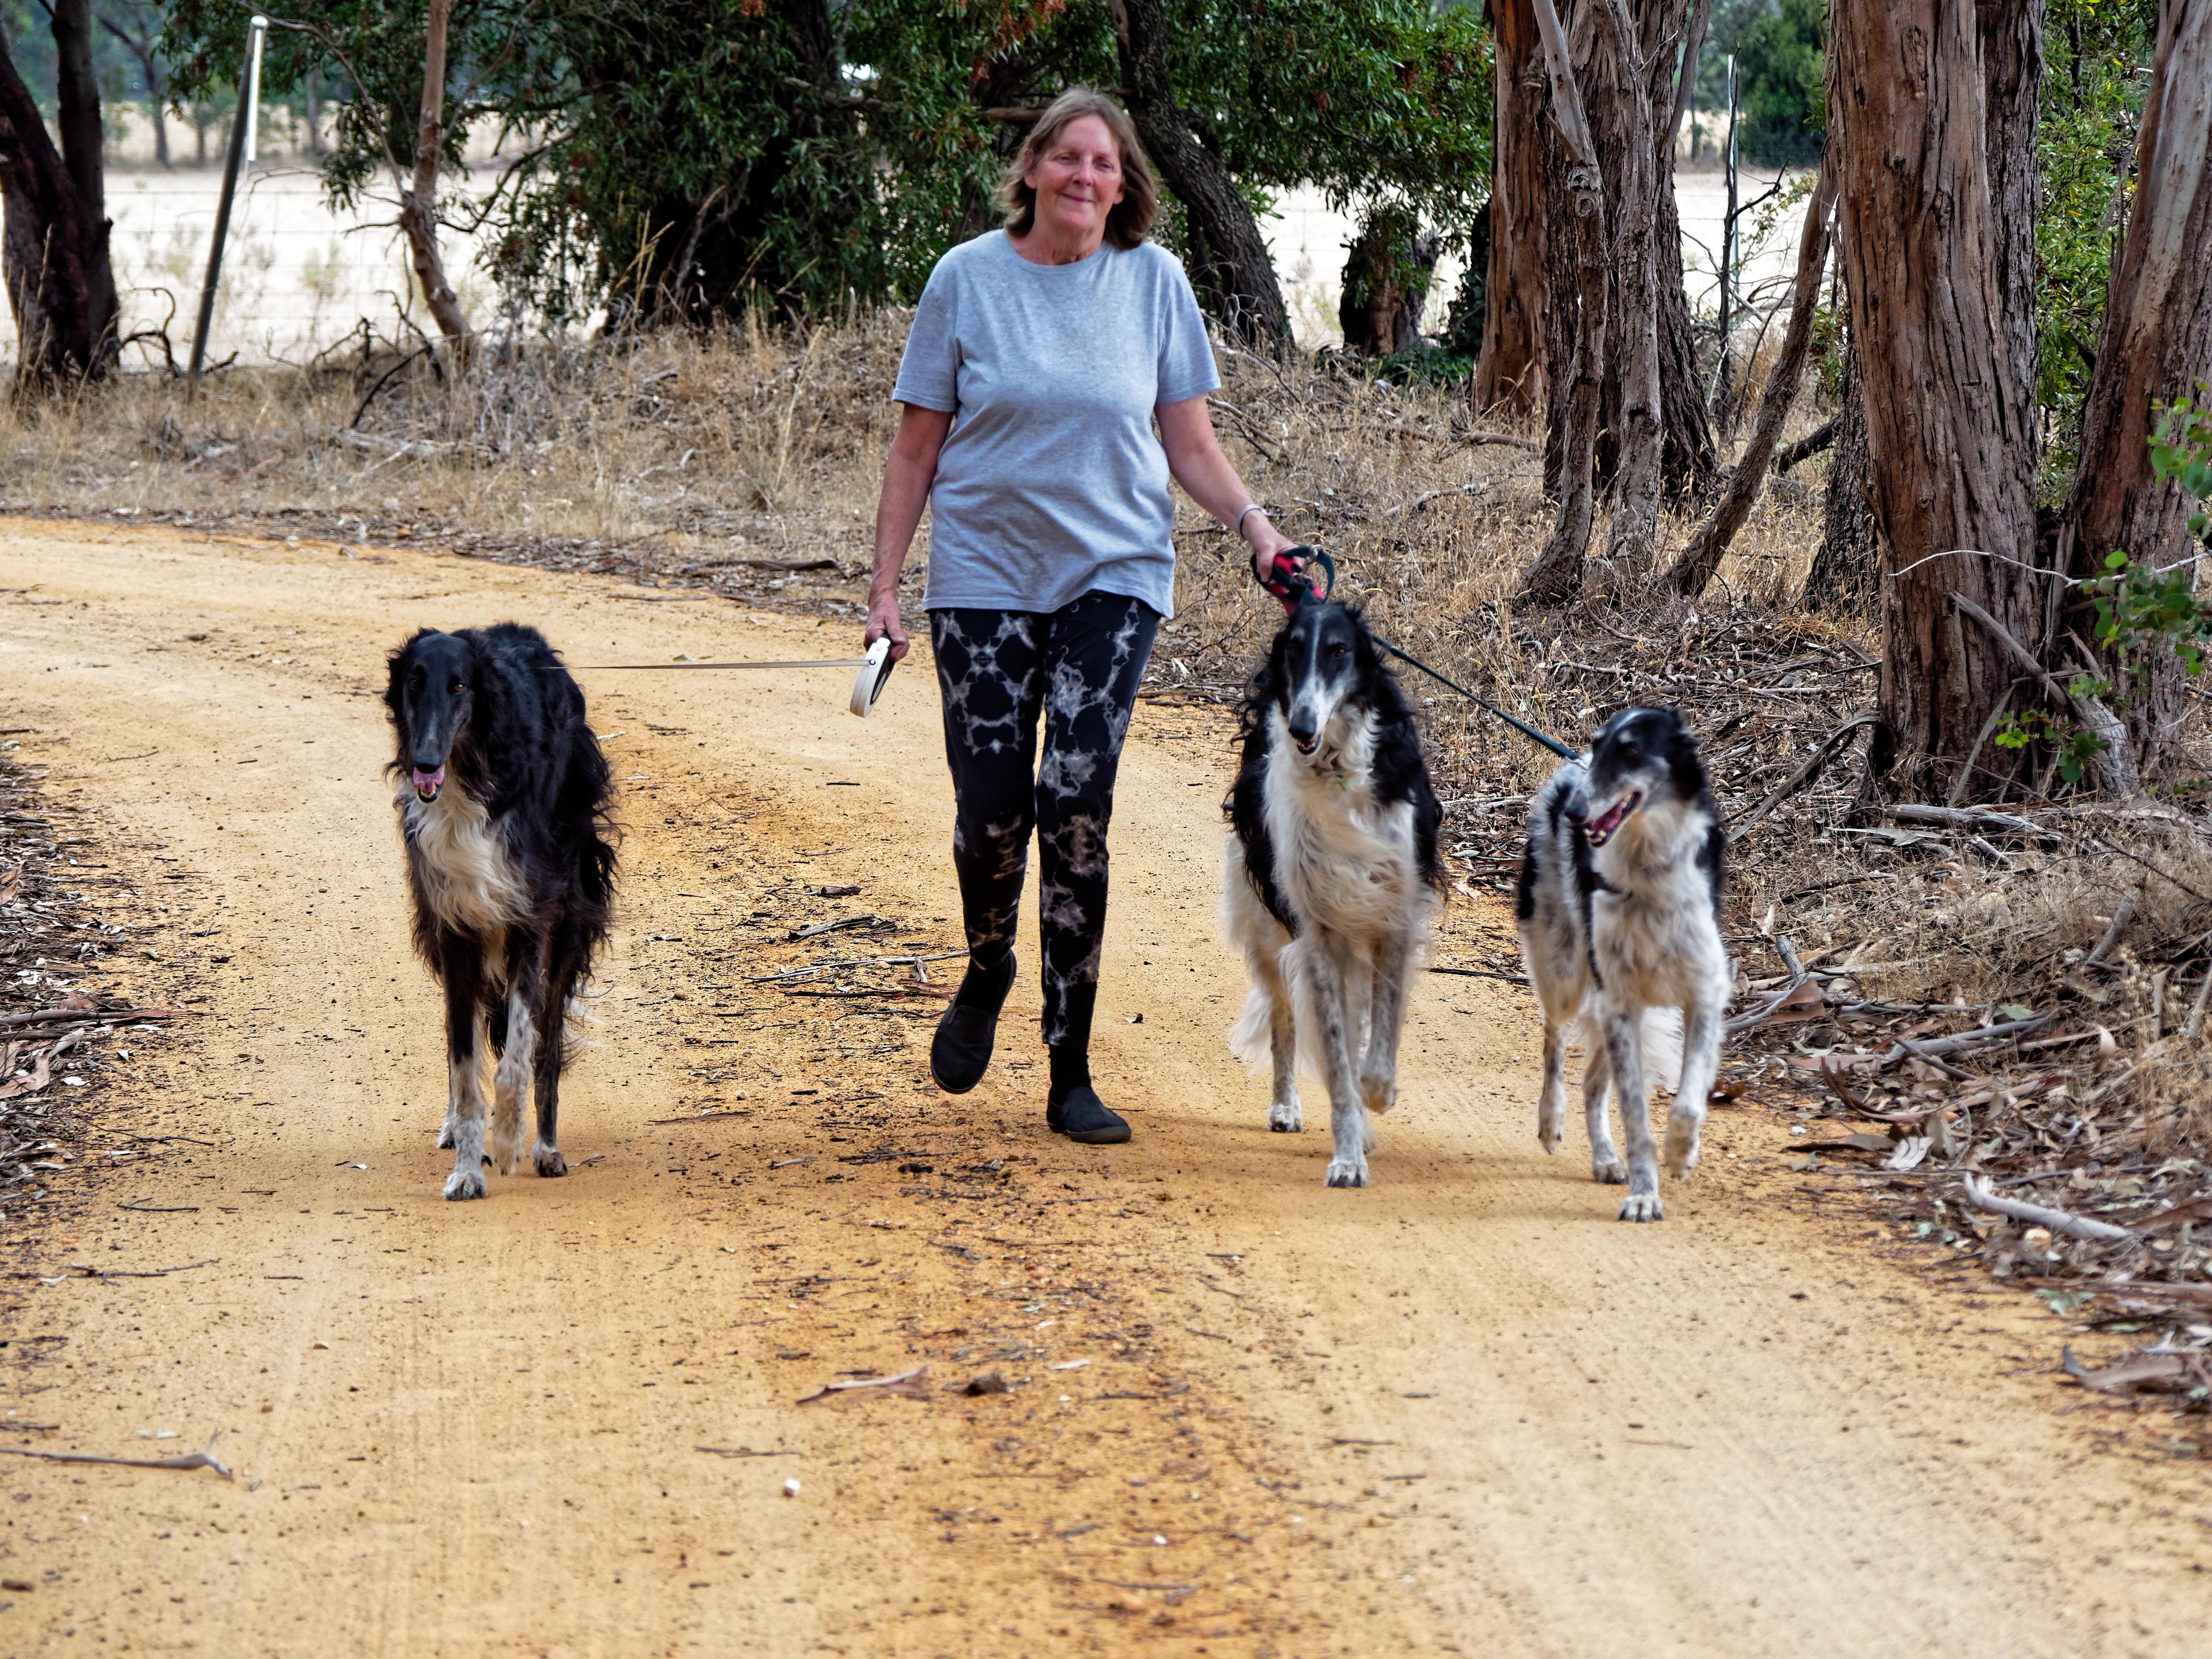 Walking-dogs-88.jpeg